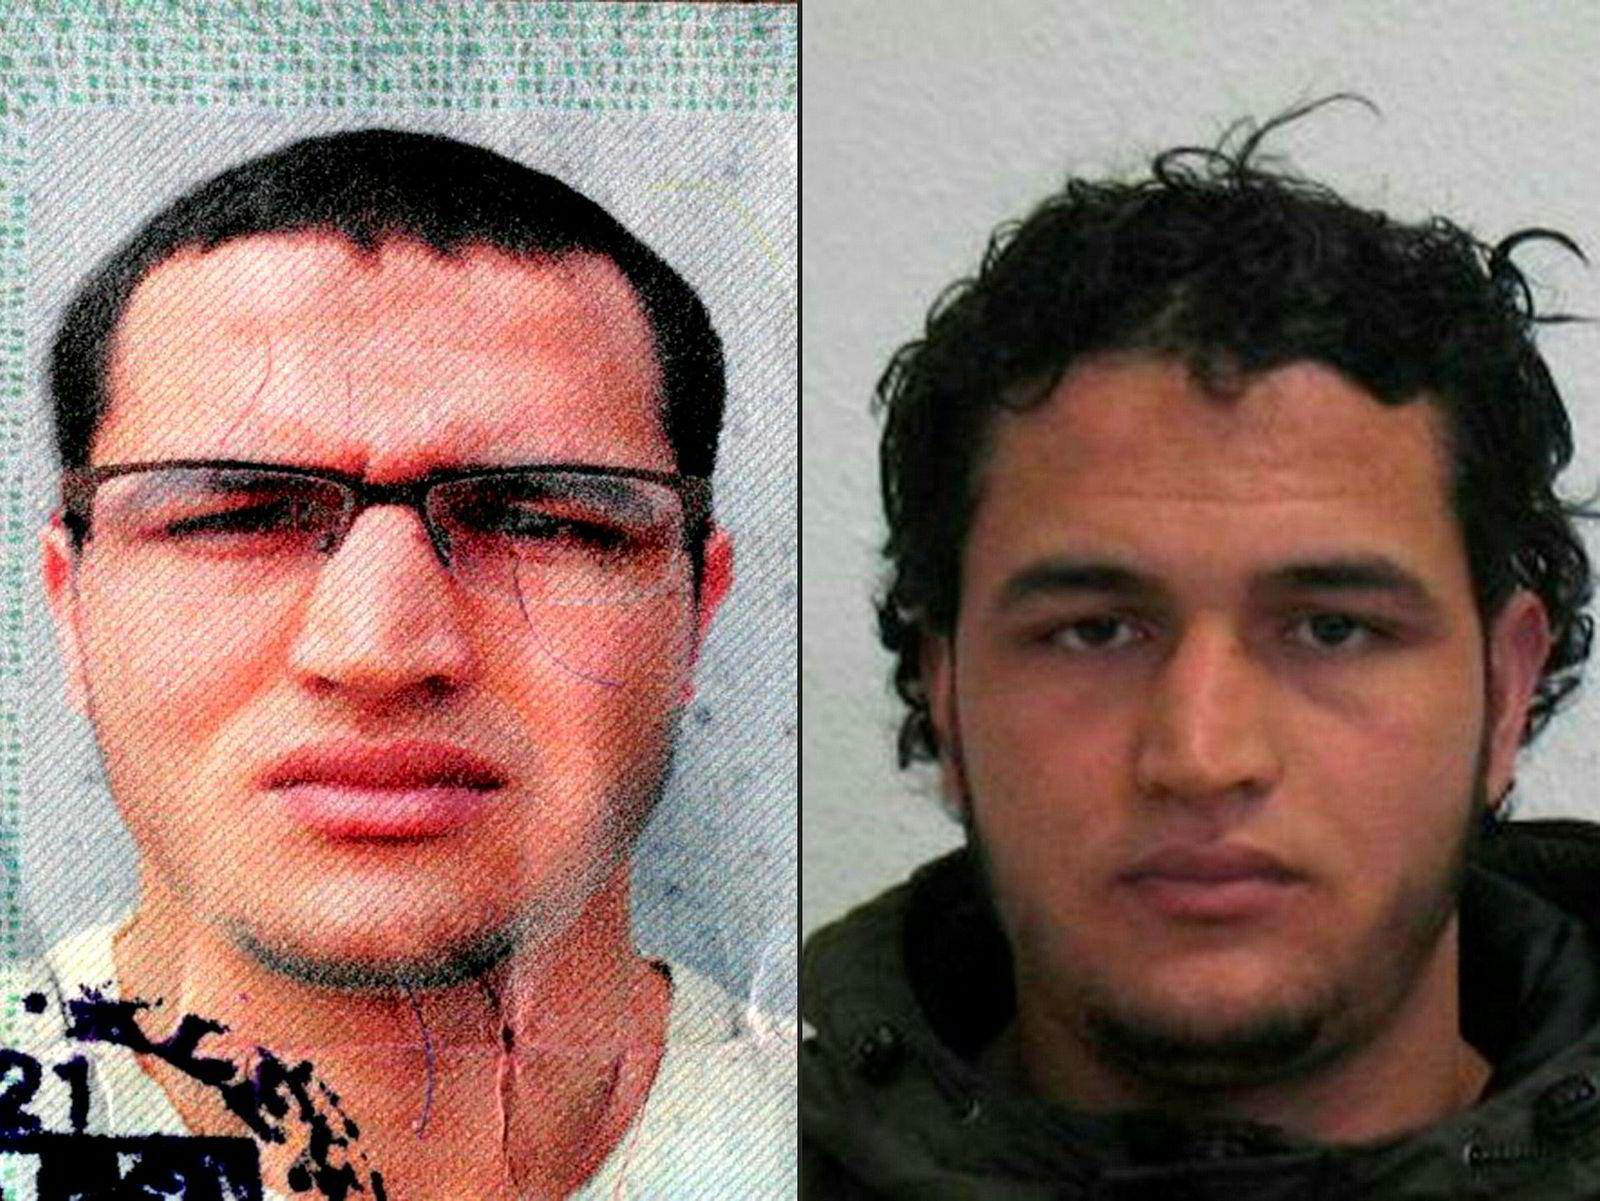 Den tunisiske mistenkte Anis Amr skal være skutt i Milano.